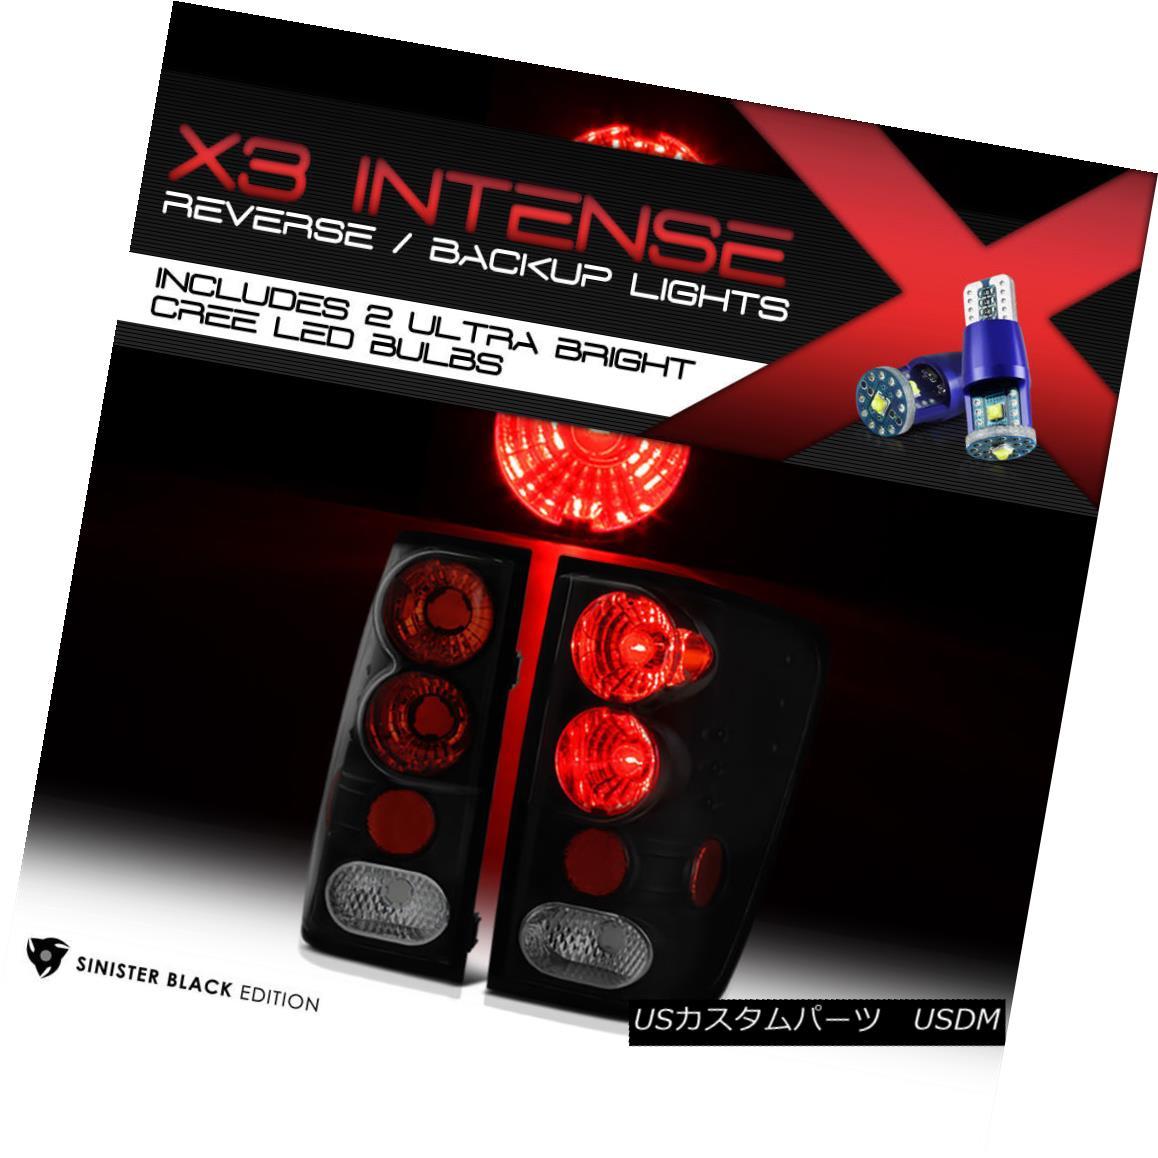 テールライト [Cree LED Reverse] {BLACK} For 04-2014 Titan V8 TA60 2wd/4wd PRO4X/SV Tail Light [クリーLEDバック] {BLACK} 04-2014タイタンV8 TA60 2WD / 4WD PRO4X / SVテールライト